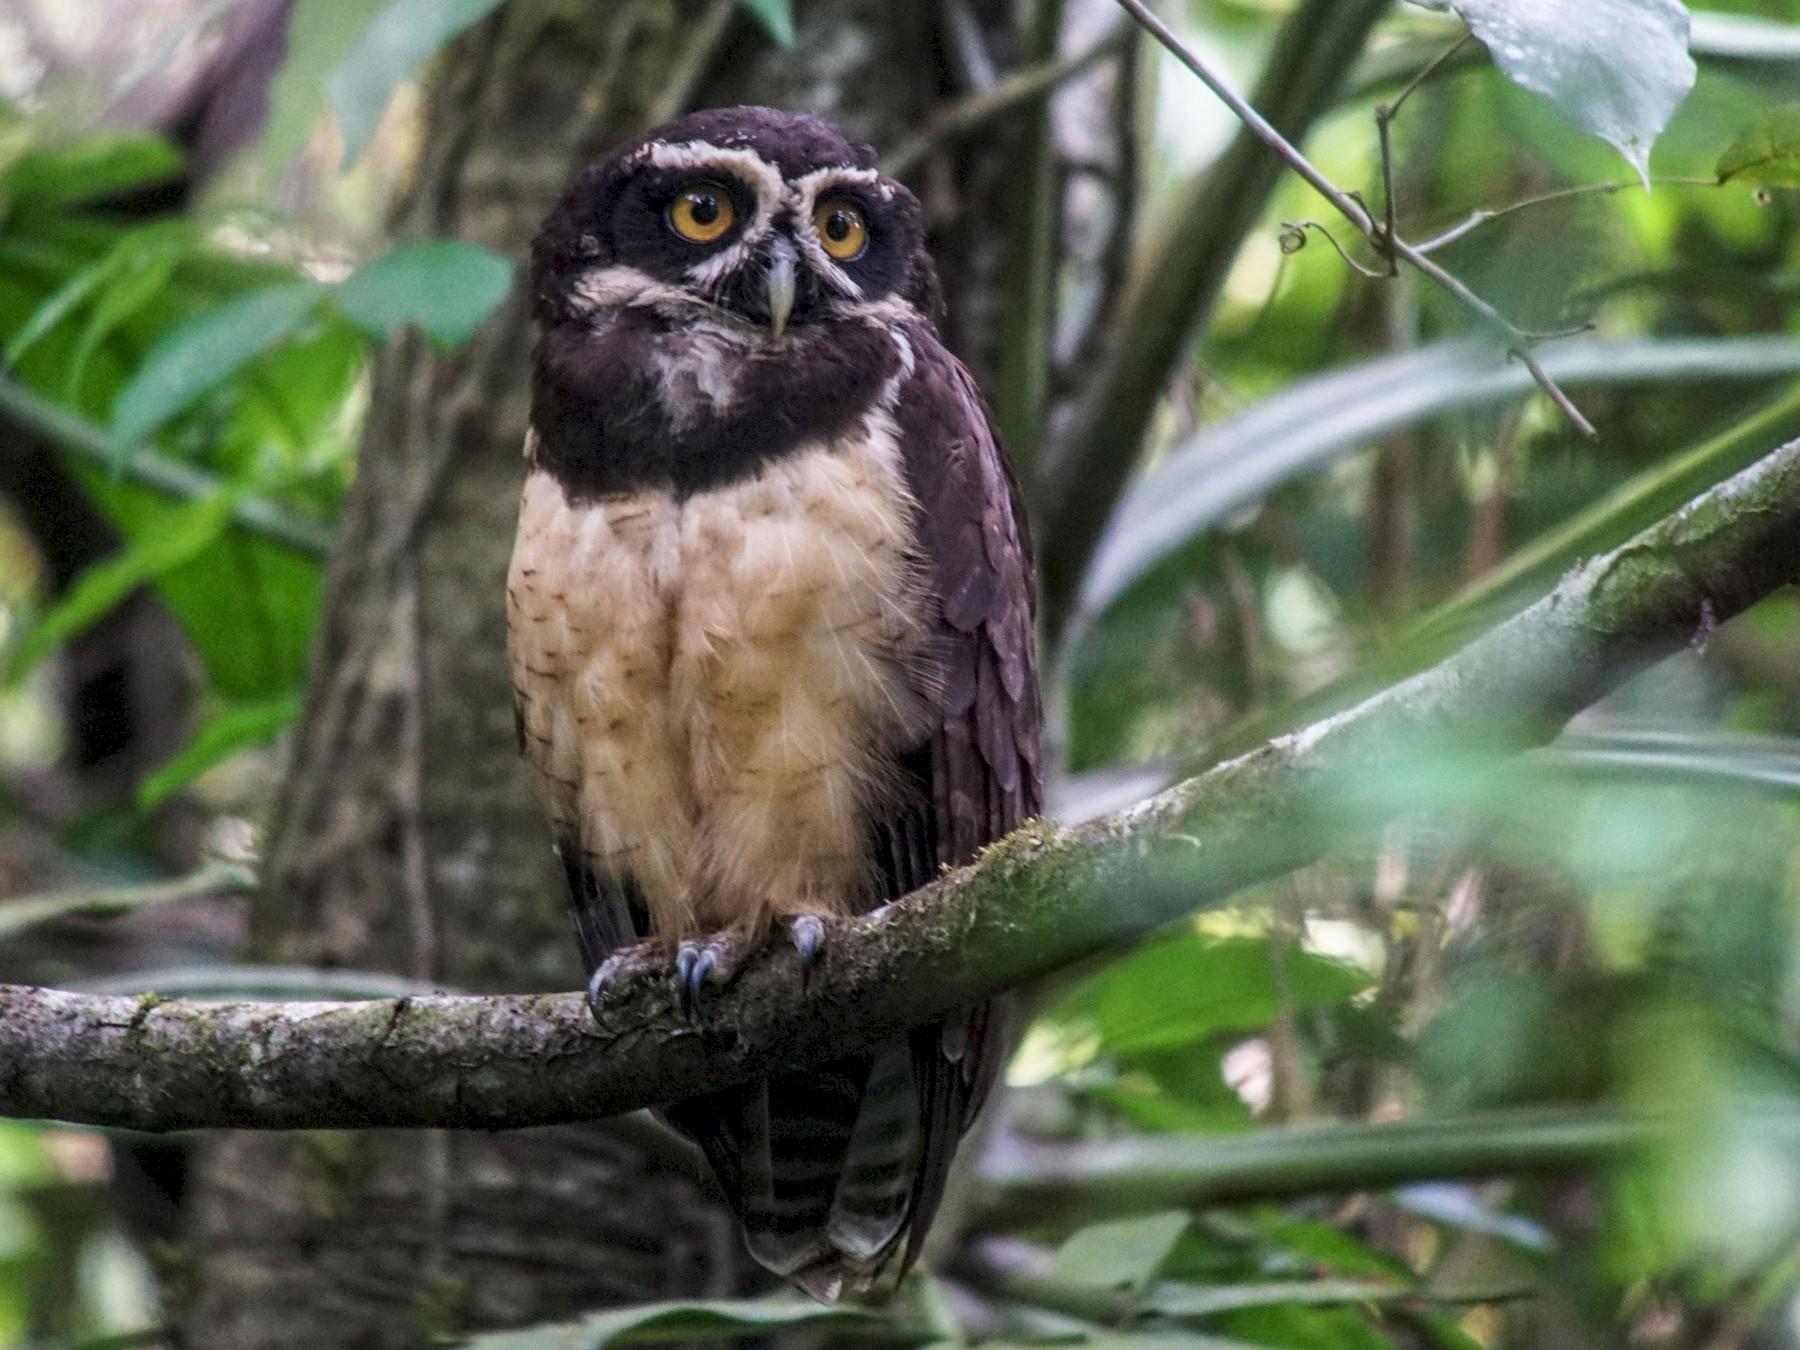 Spectacled Owl - William Orellana (Beaks and Peaks)